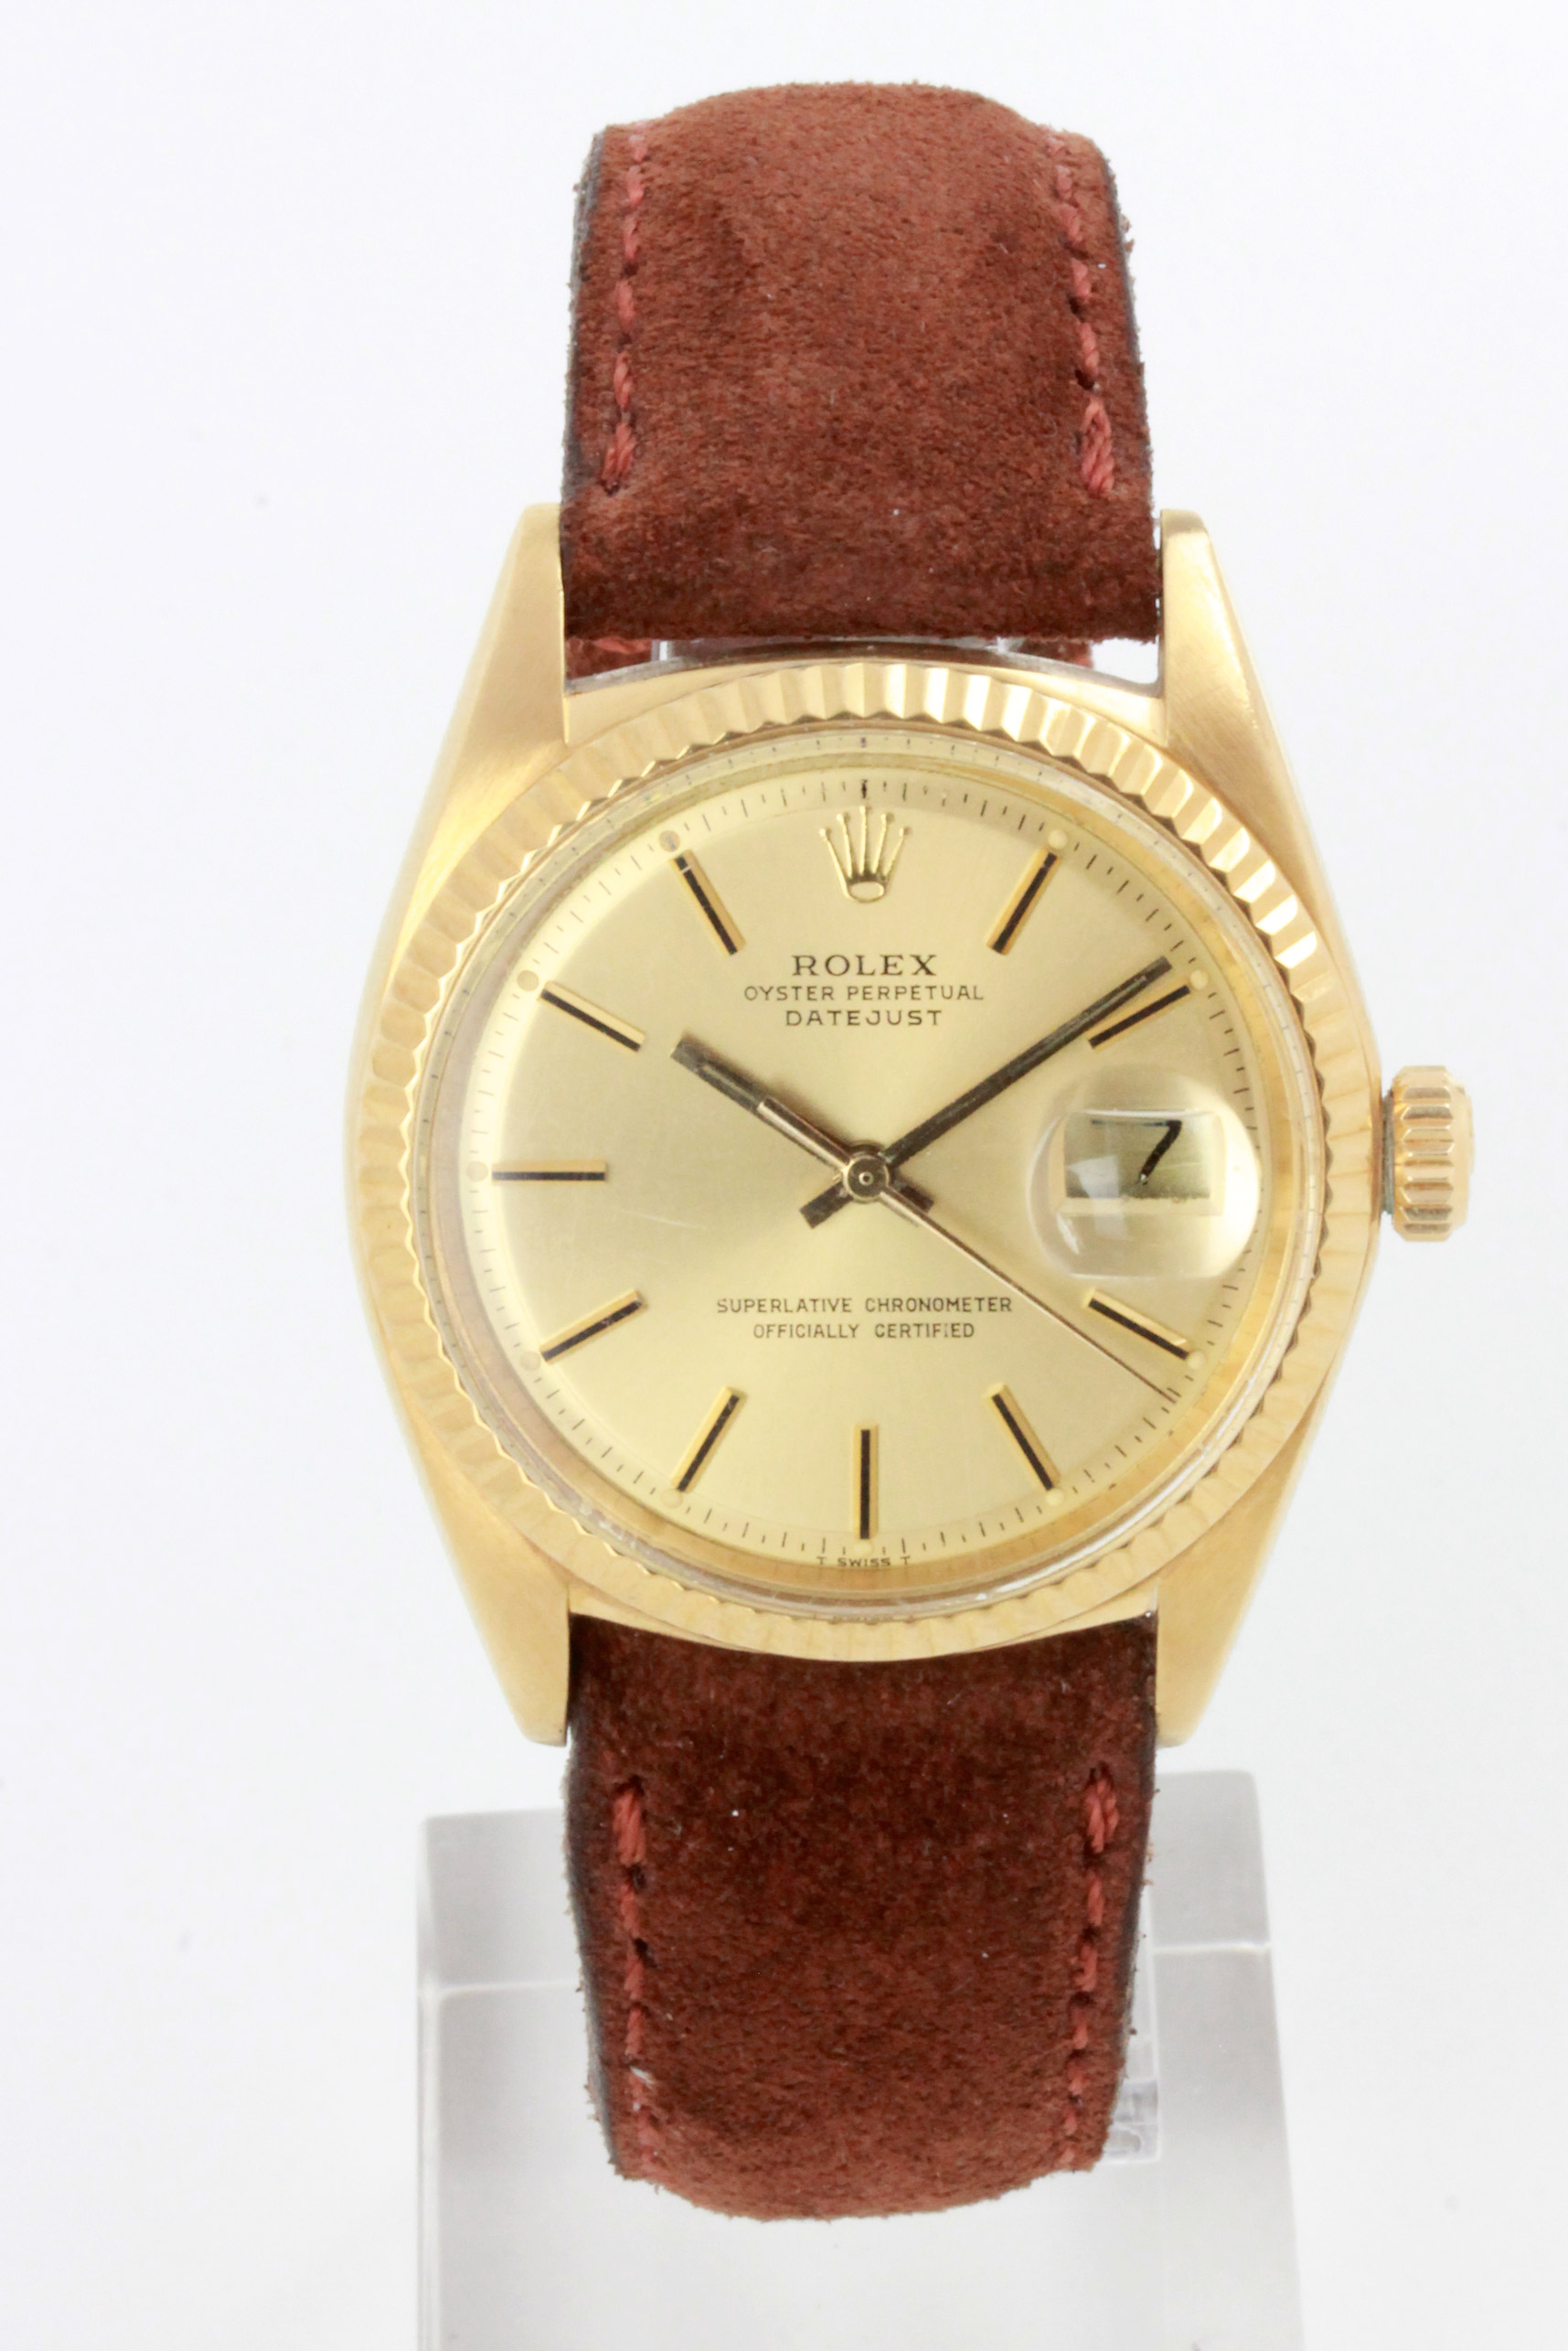 D/ Rolex Datejust automatico, anni '70, 35 mm. Rolex Datejust automatico, anni '70. Ref. 1601. Cassa oro giallo. Vetro plexiglass, quadrante champagne oro con indici applicati. 35 mm. Cinturino pelle. Fibbia Rolex.